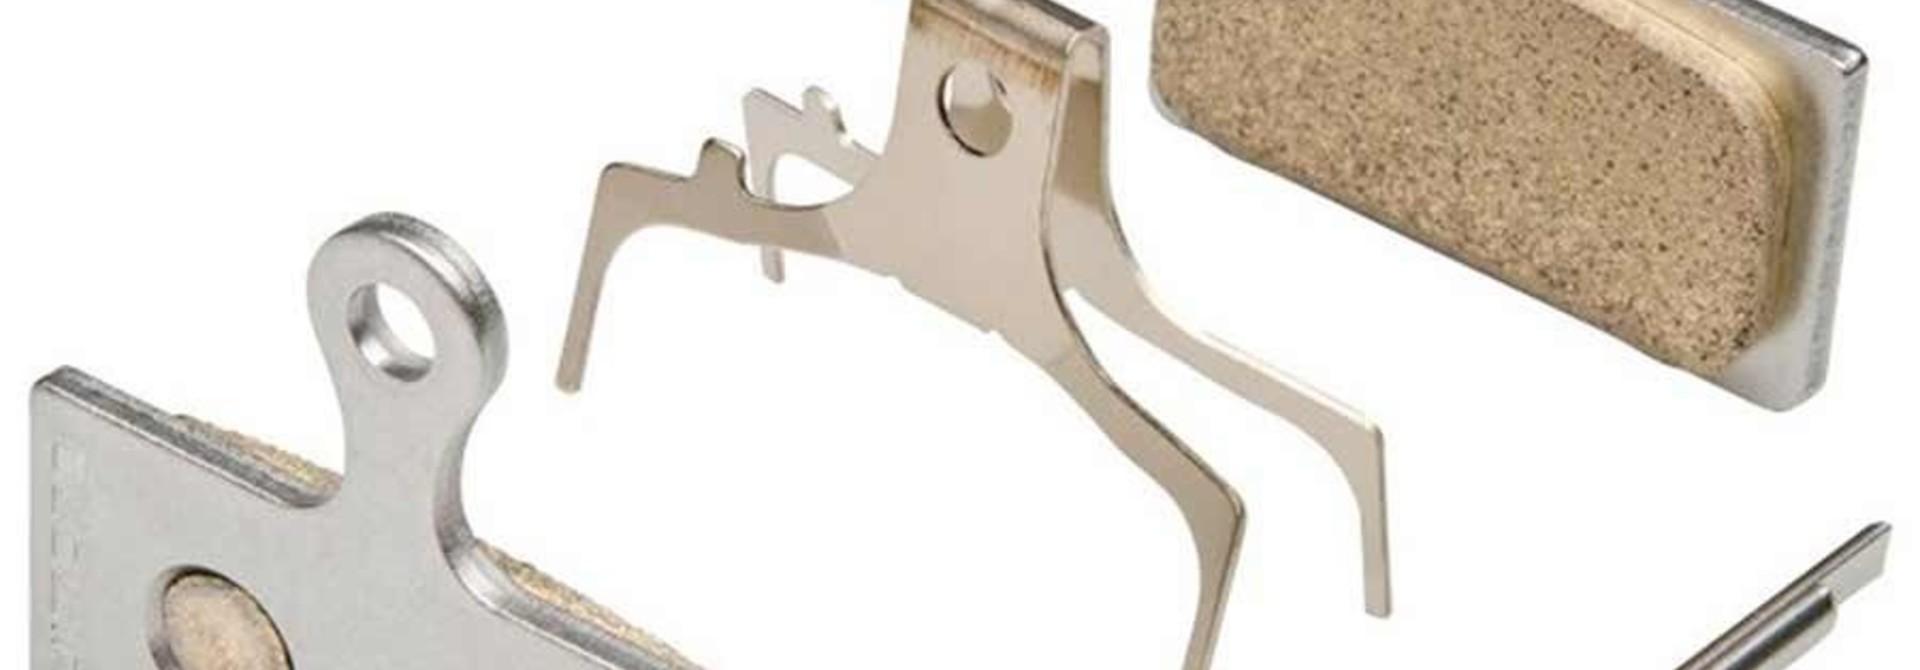 Shimano, G03S, Disc Brake Pads, Shape: Shimano G-Type/F-Type/J-Type, Resin, Pair 2-piston